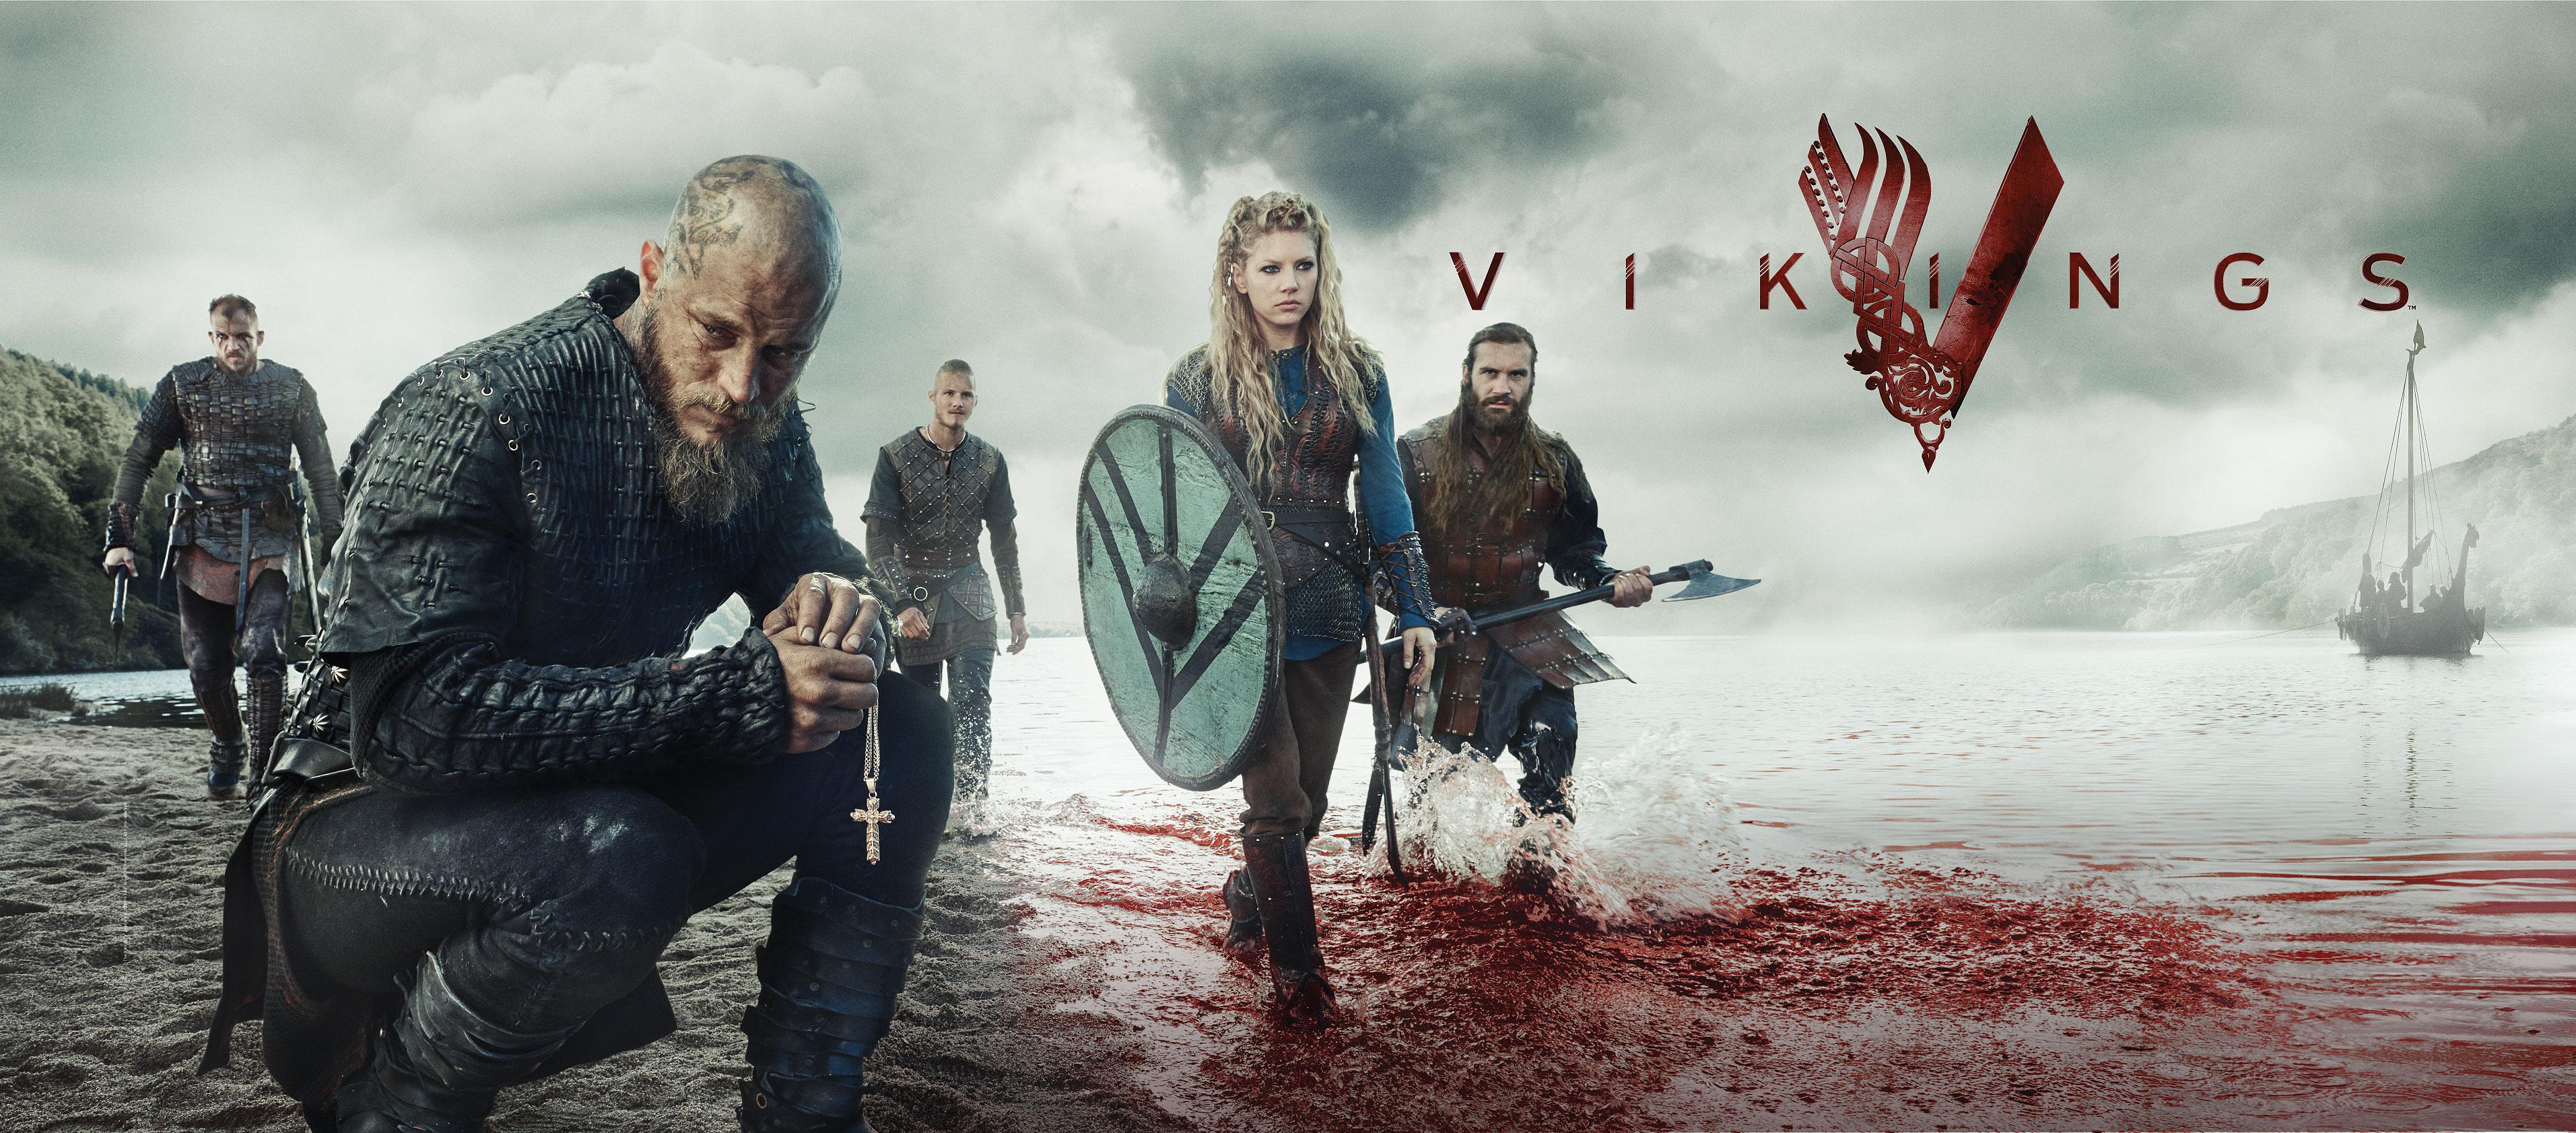 Vikings é uma aula de história sobre os nórdicos